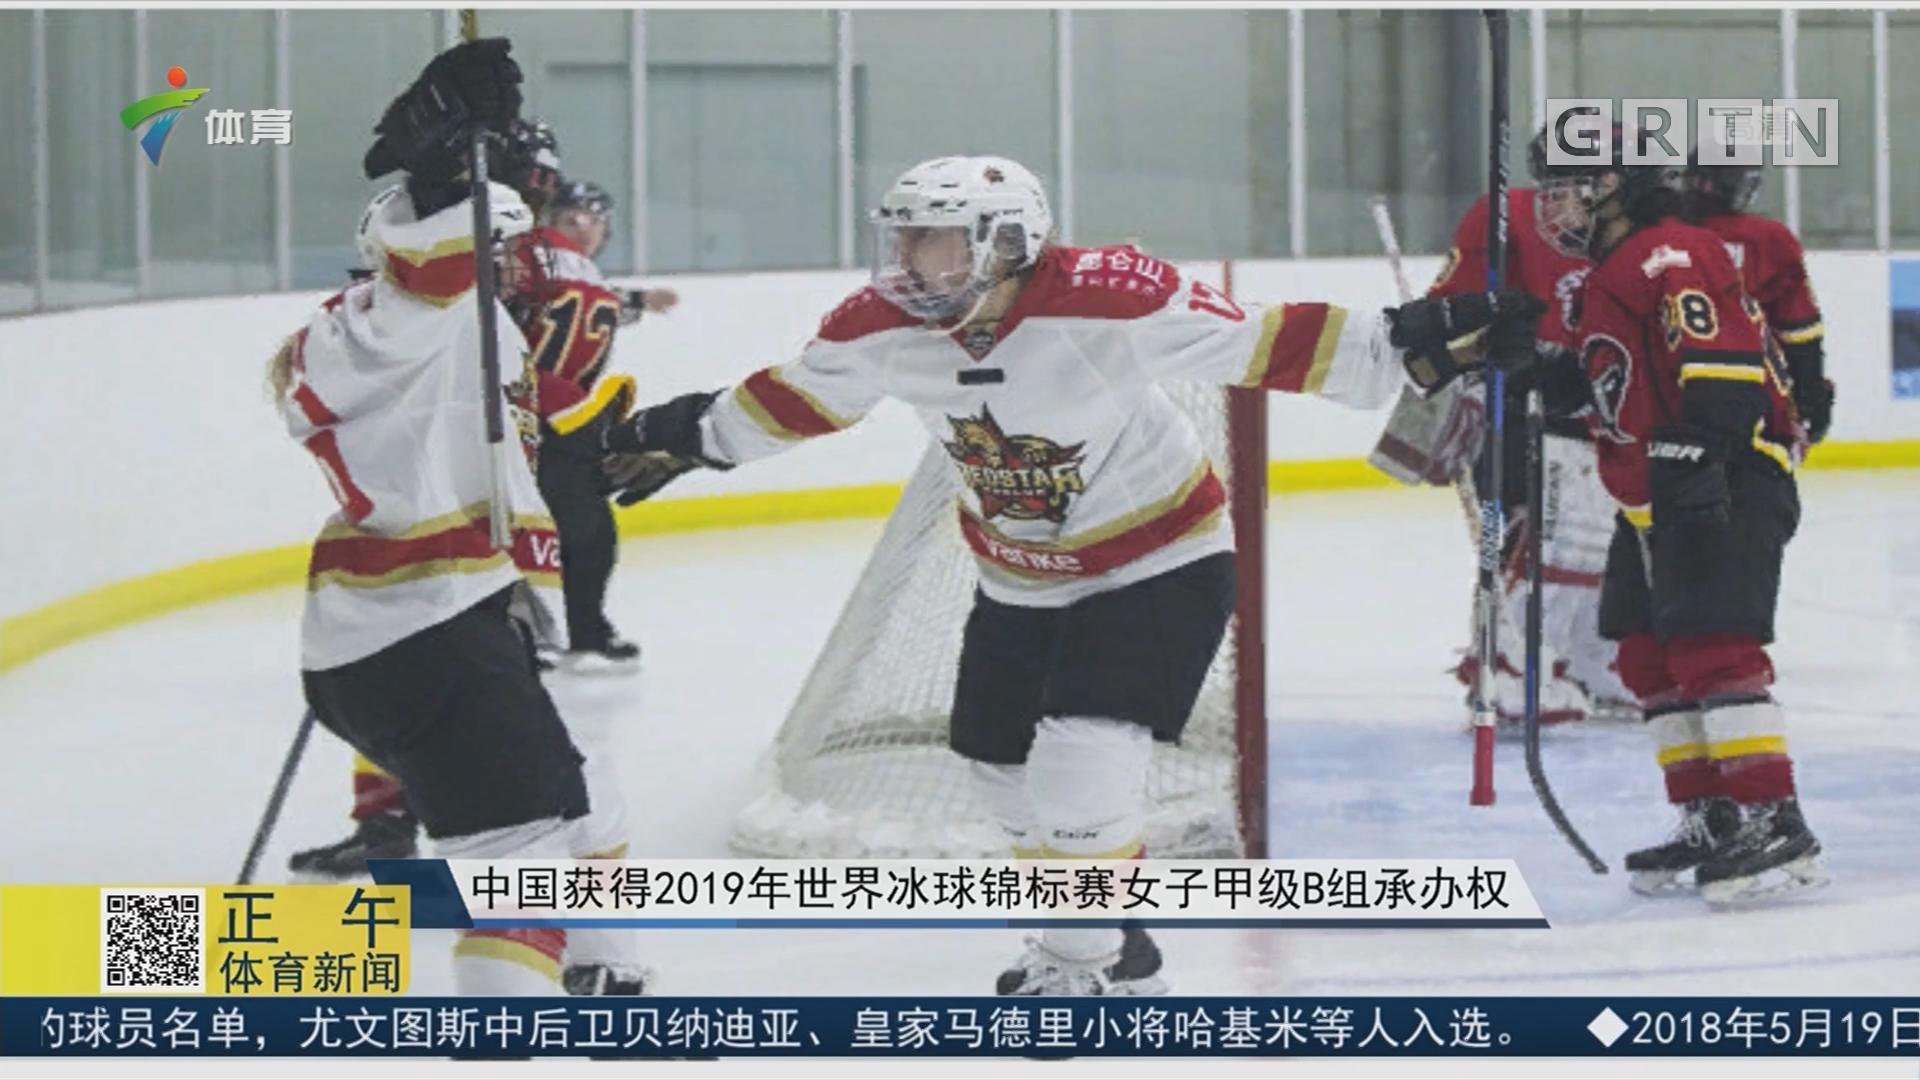 中国获得2019年世界冰球锦标赛女子甲级B组承办权